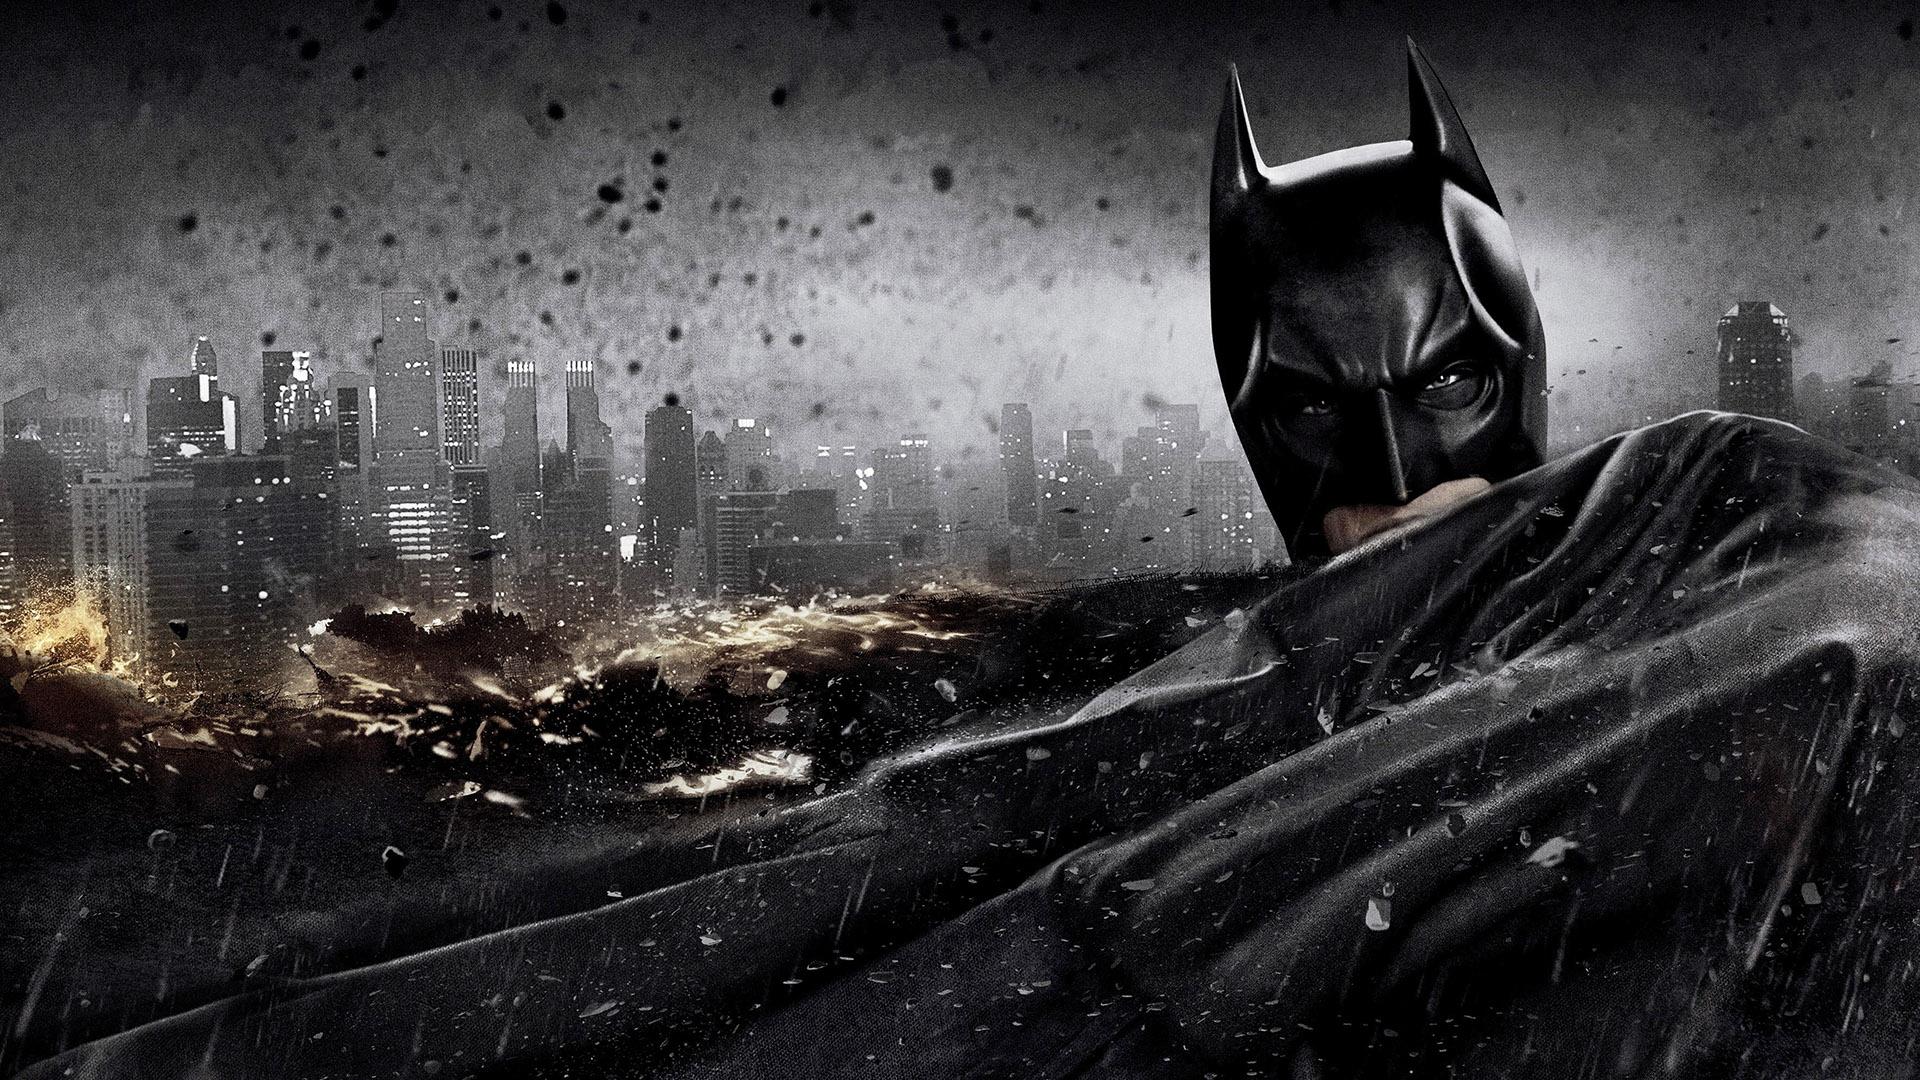 Dark knight rises batman superhero wallpaper 1920x1080 for Dark knight rises wall mural